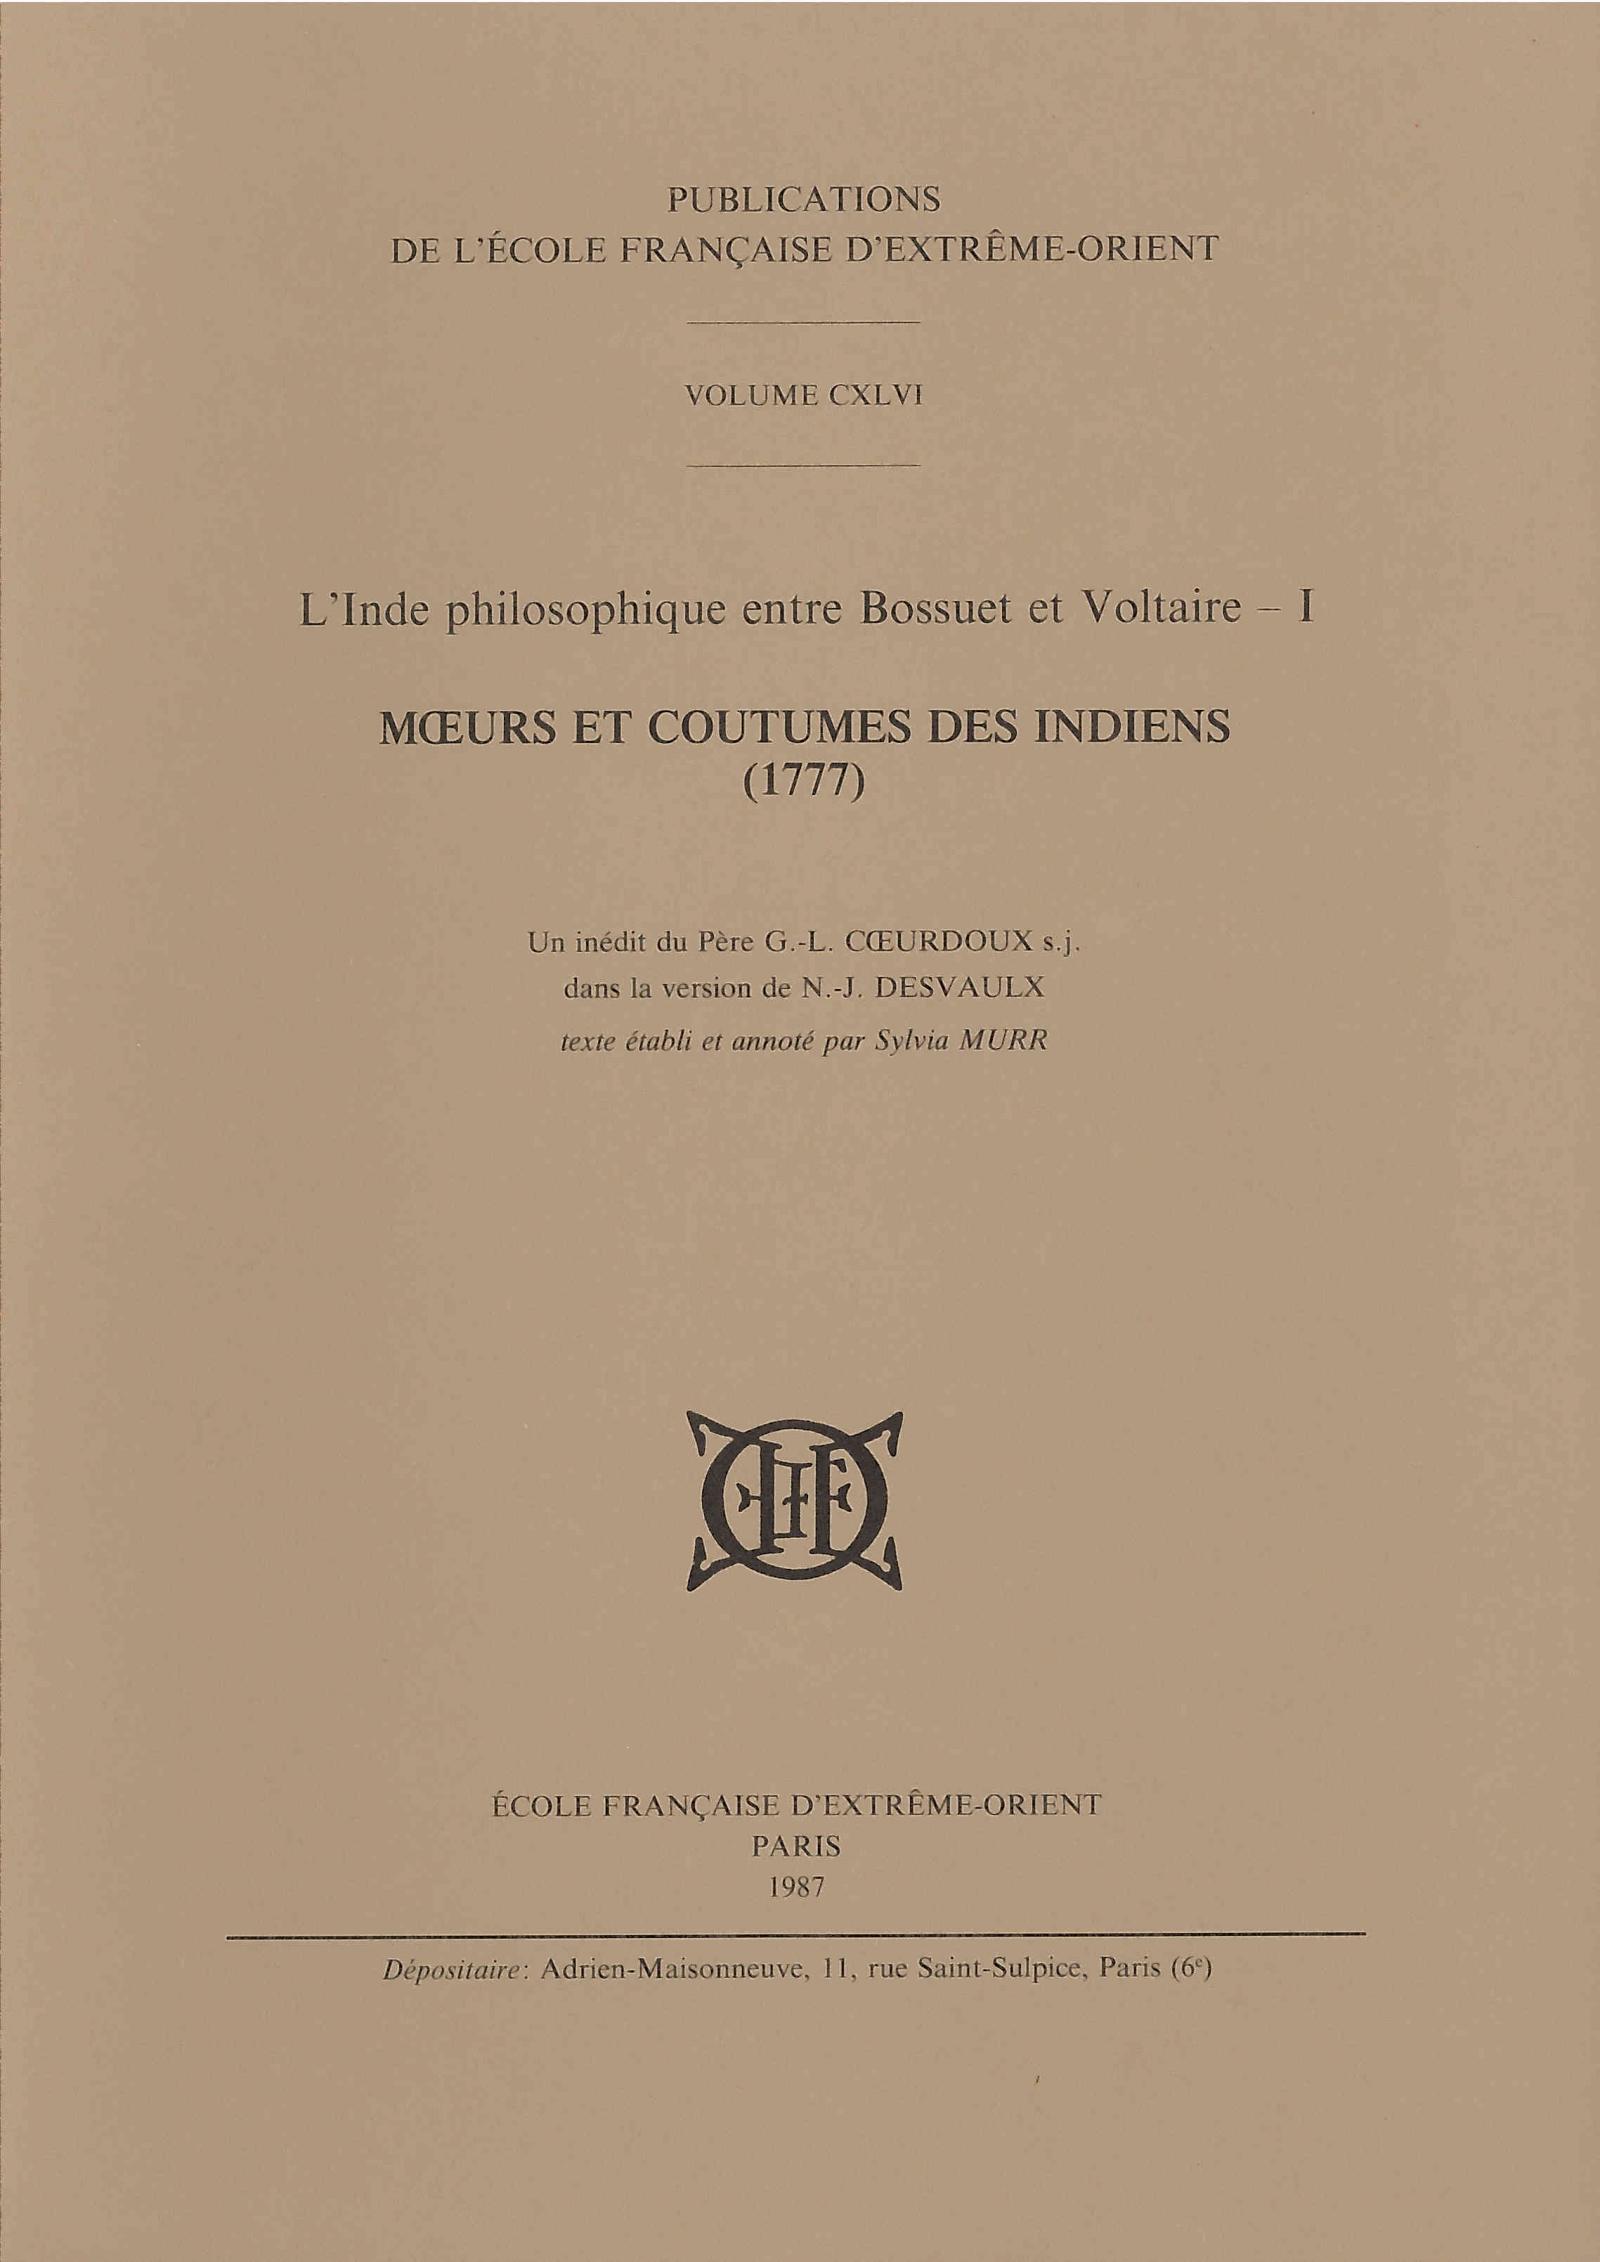 L'Inde philosophique entre Bossuet et Voltaire